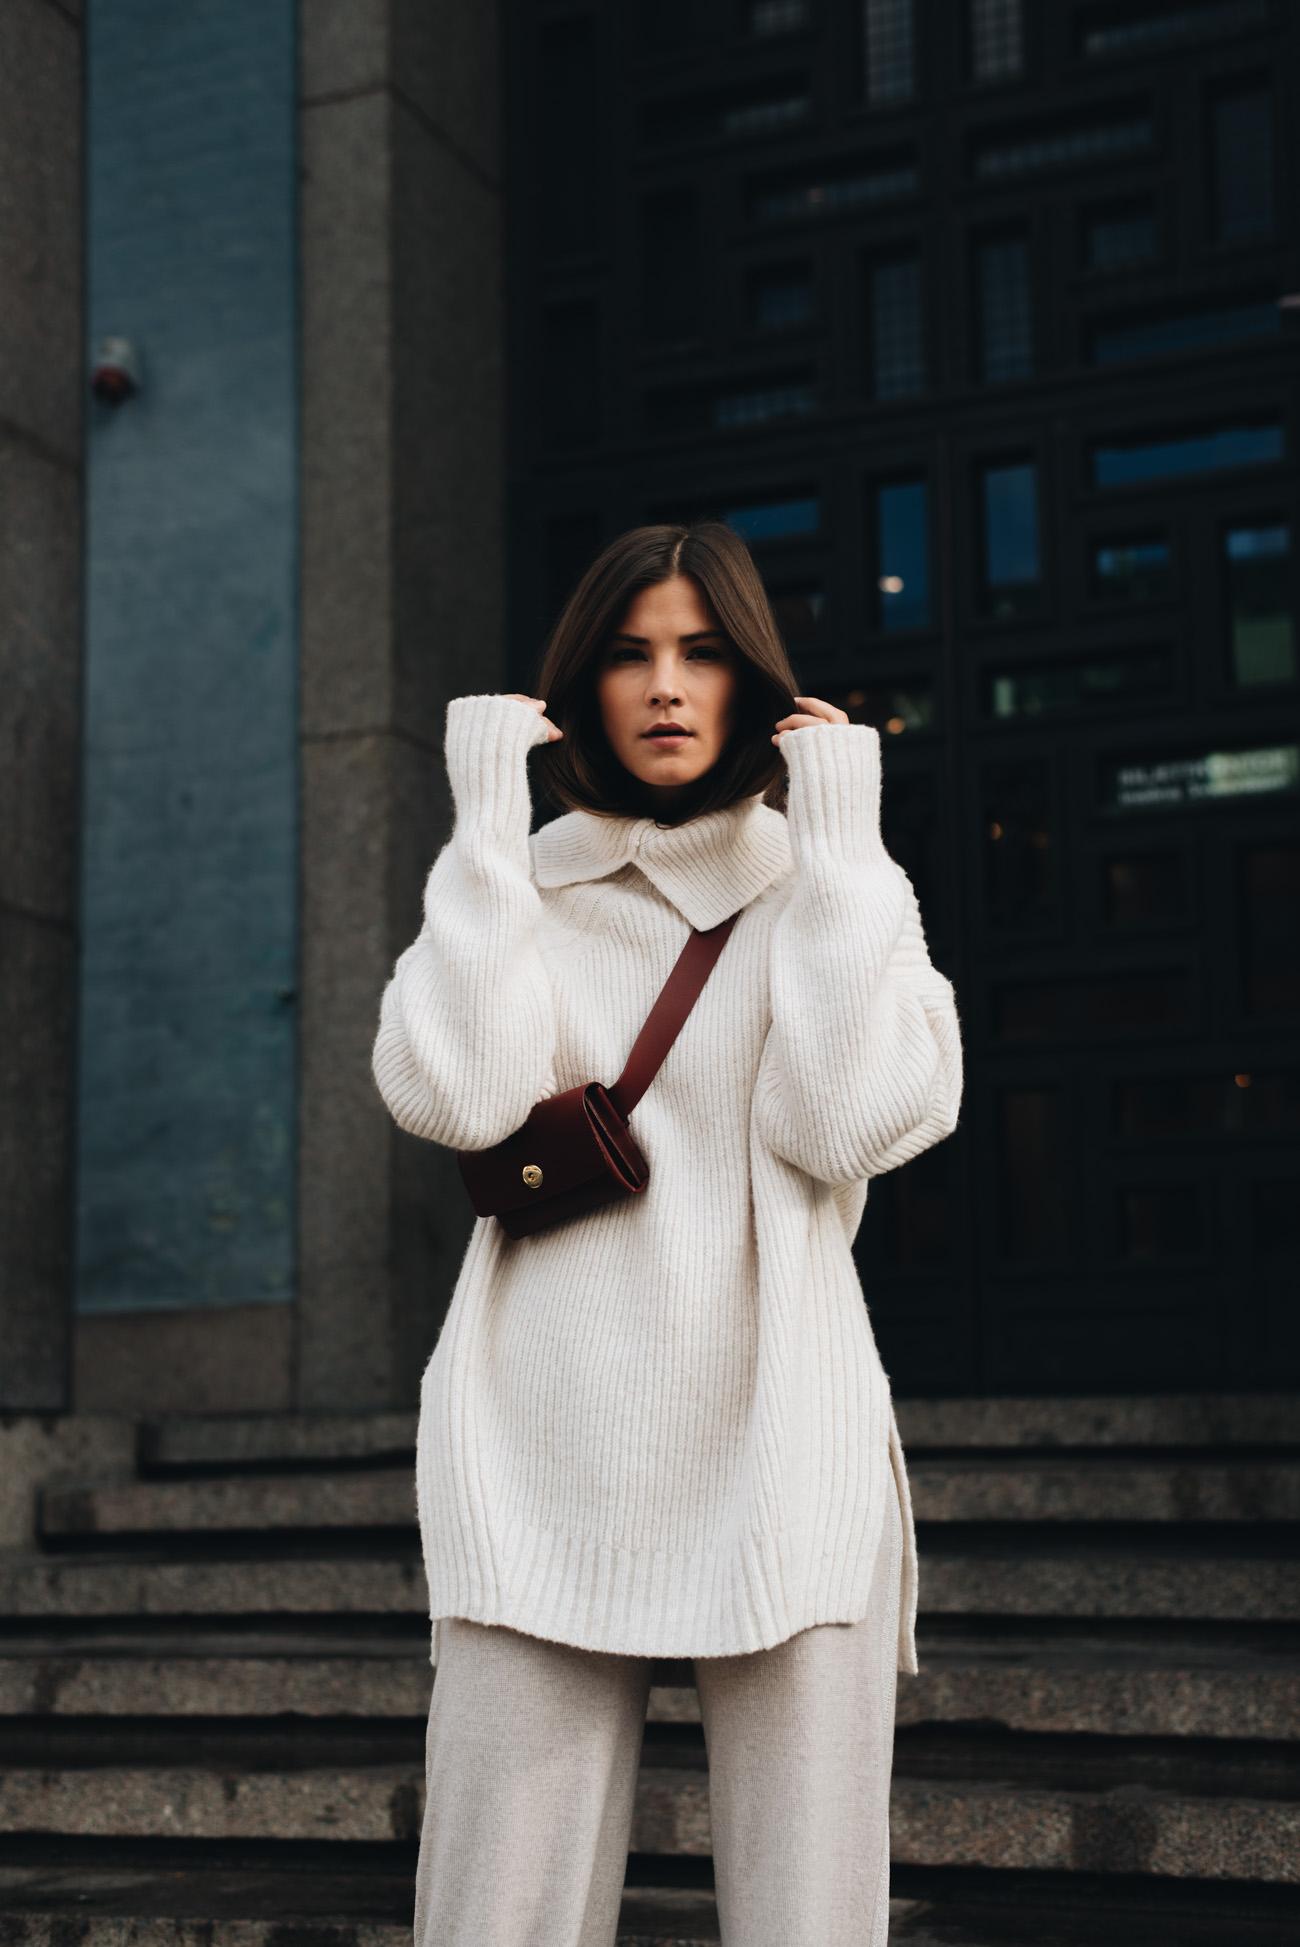 Herbst-und-winter-mode-trends-2017-strickpullover-H&M-studio-collection-2017-gürteltasche-mint-and-berry-trendübersicht-nina-schwichtenberg-bloggerin-fashiioncarpet